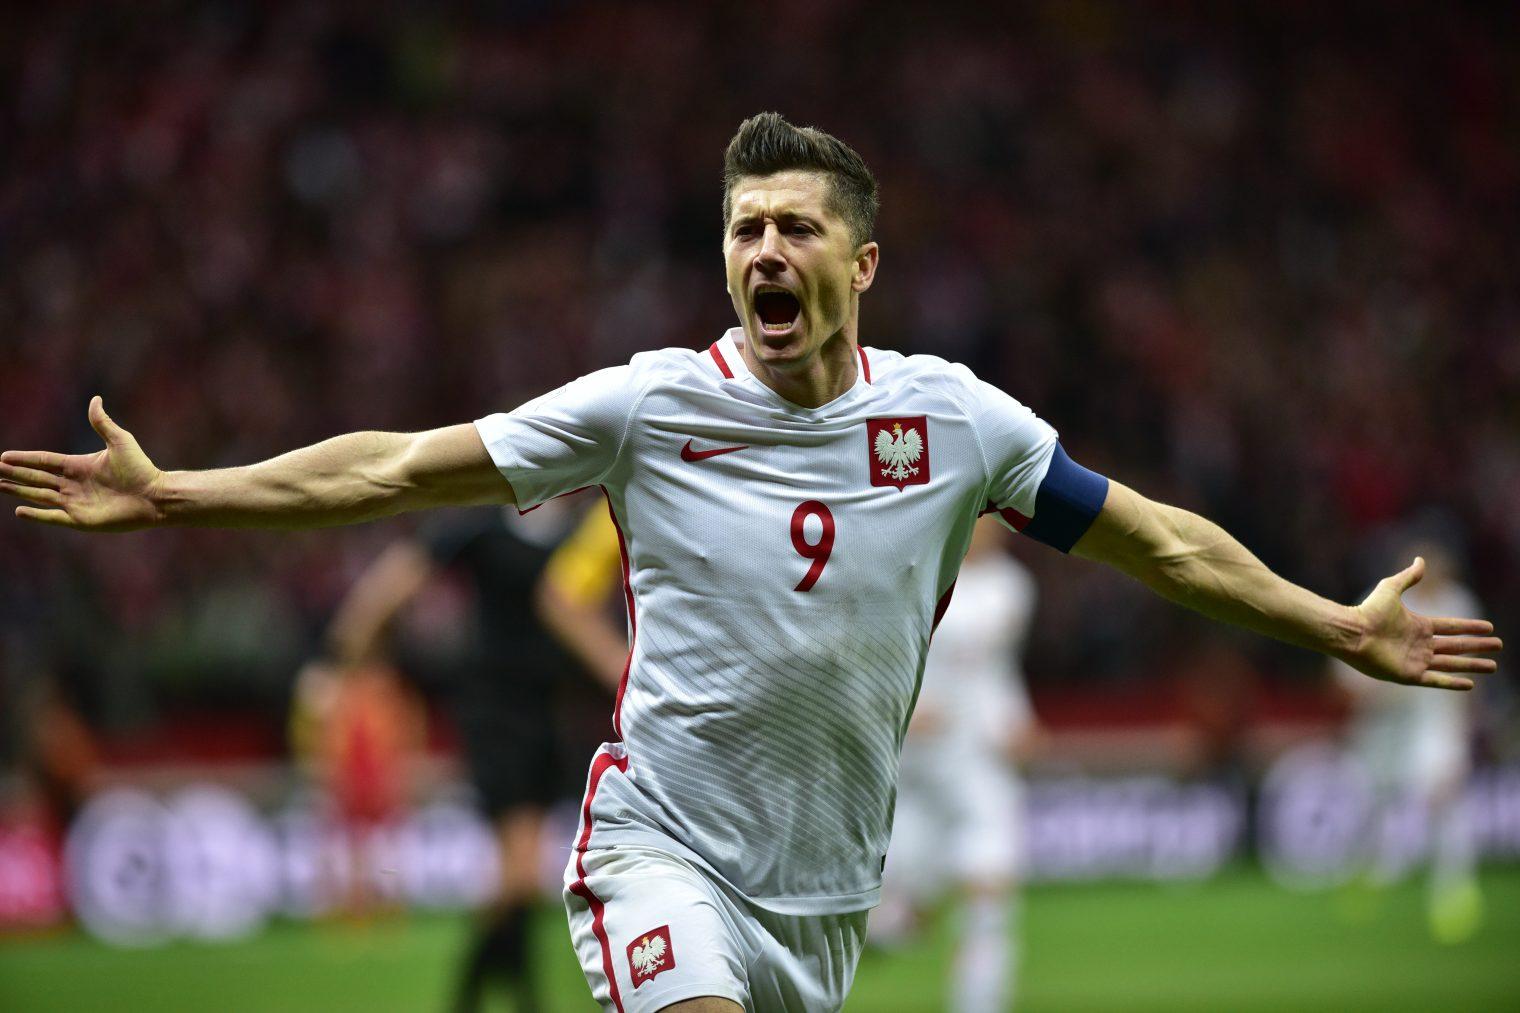 Piłka nożna: Lewandowski o przyszłości, kadrze i przeszłości